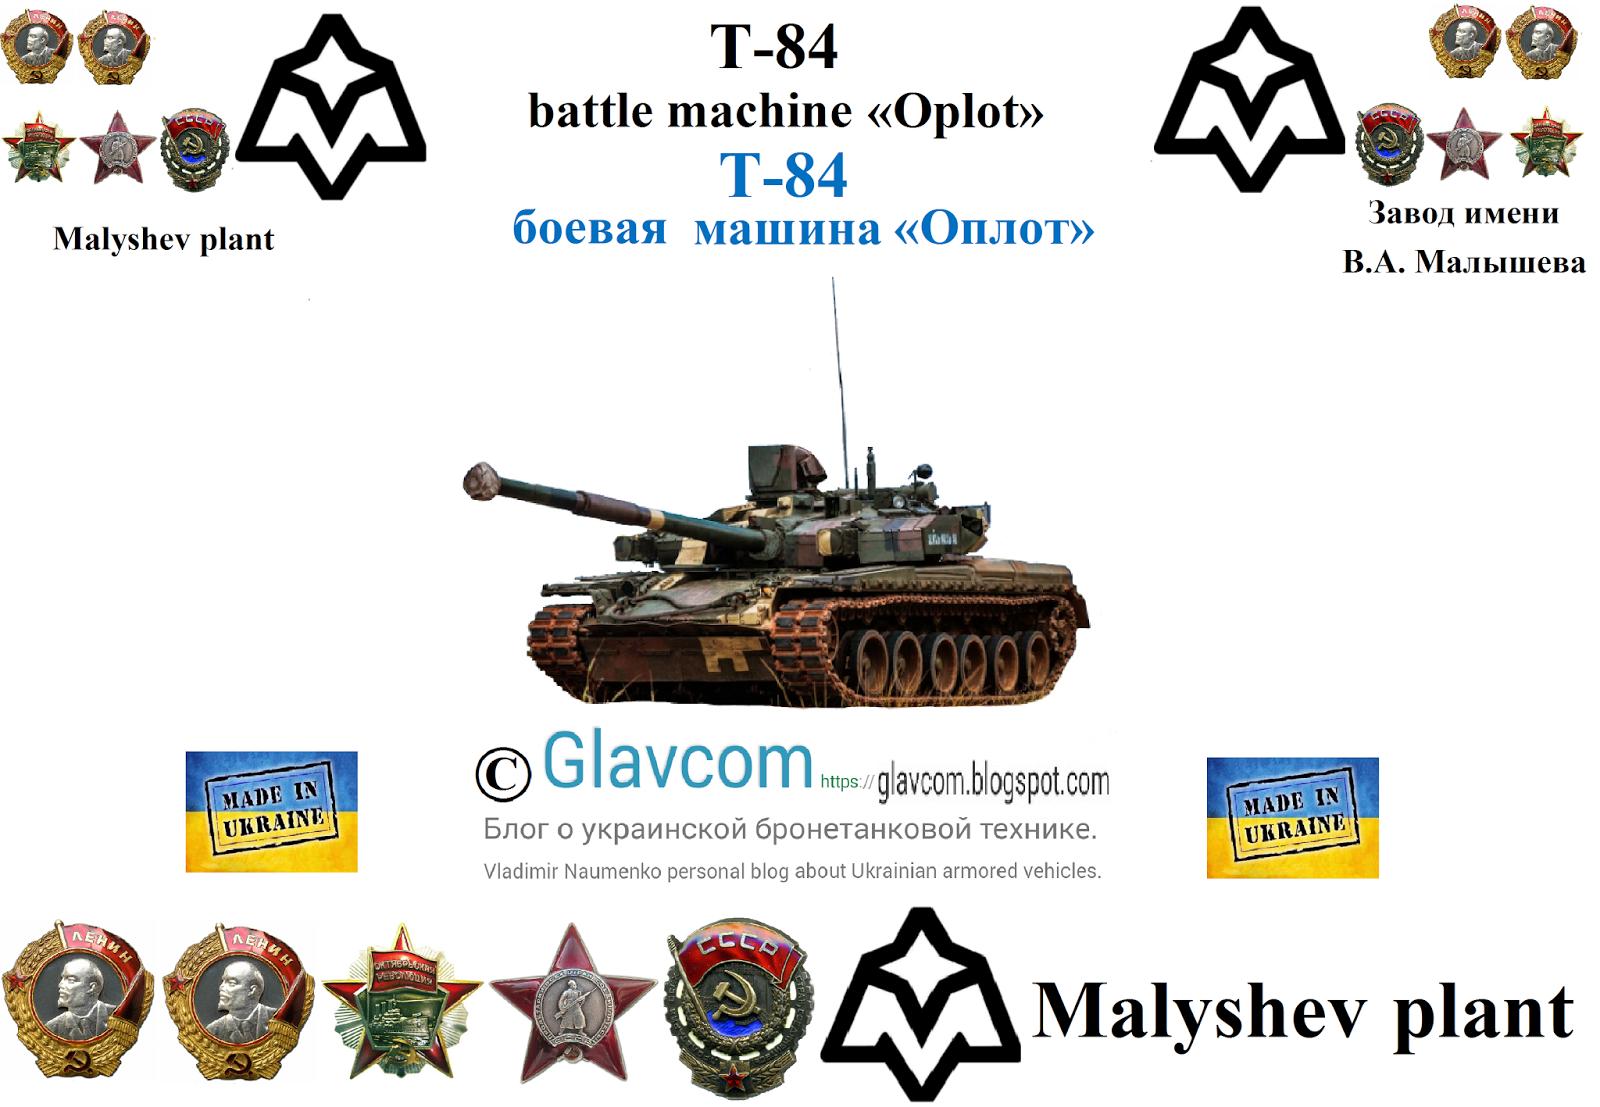 Glavcom: Т-84 БМ Оплот основной боевой танк _02 Т 84 БМ Оплот